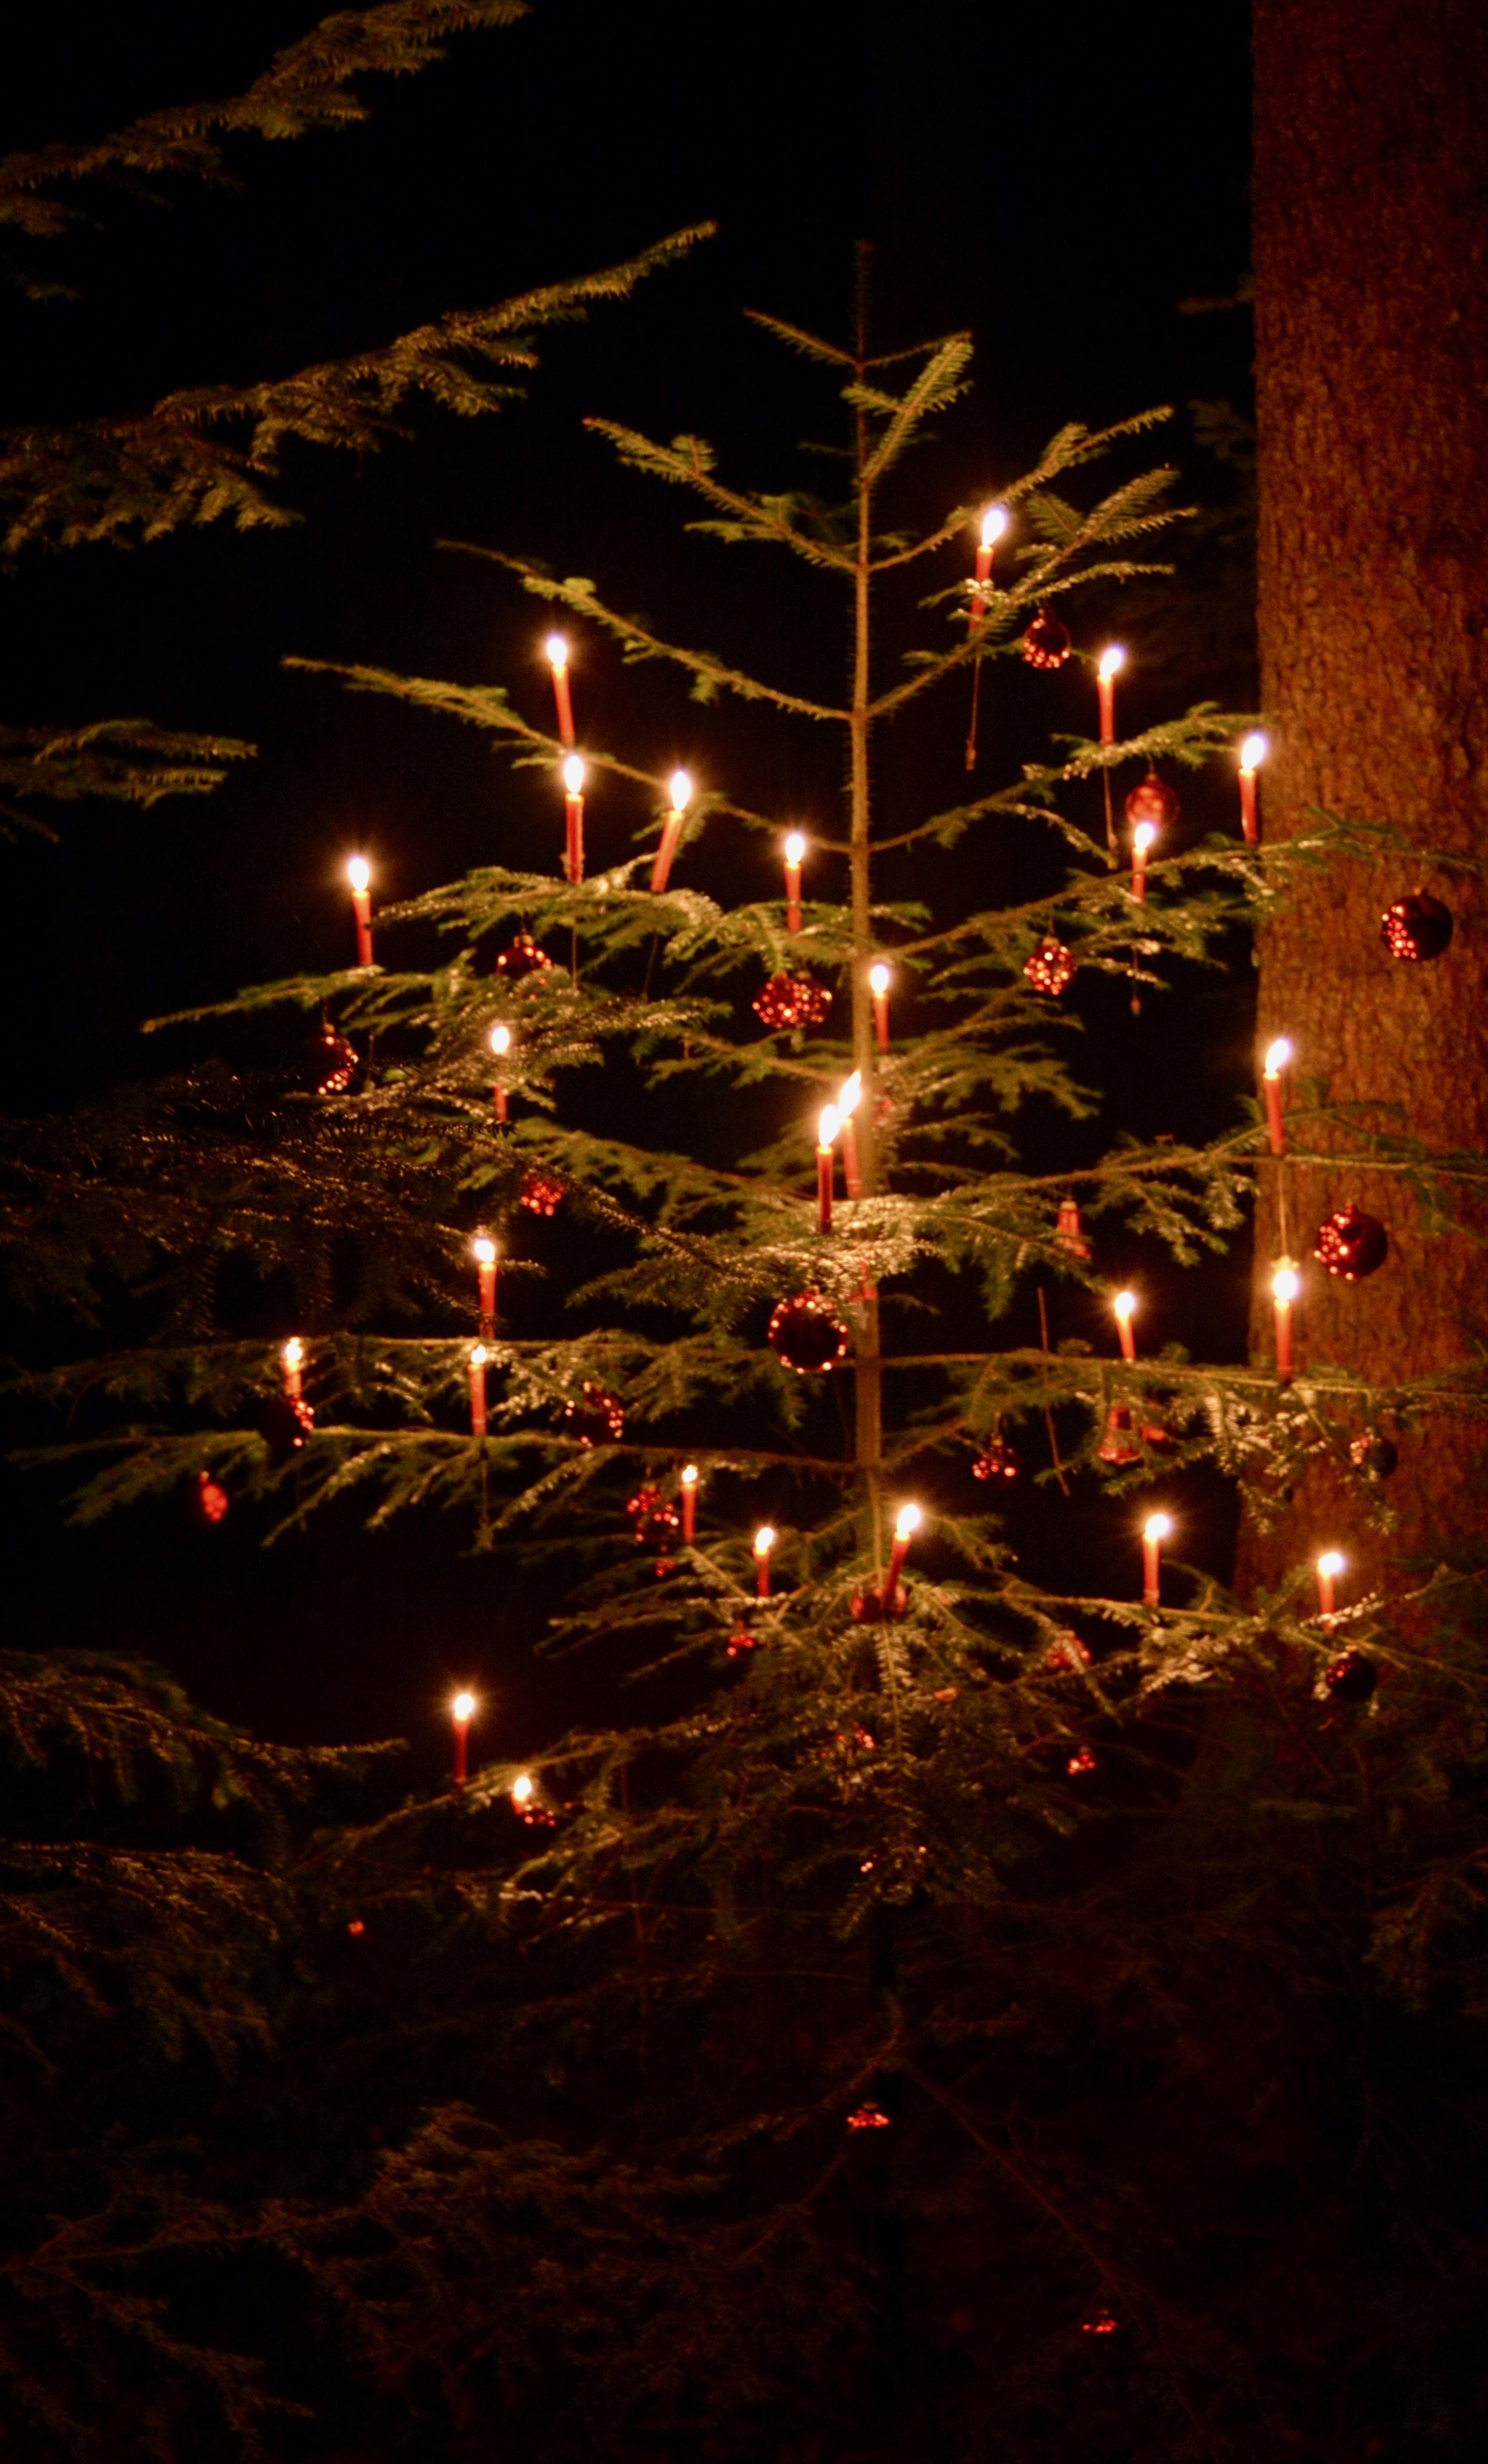 Verein - Waldweihnachten 2016